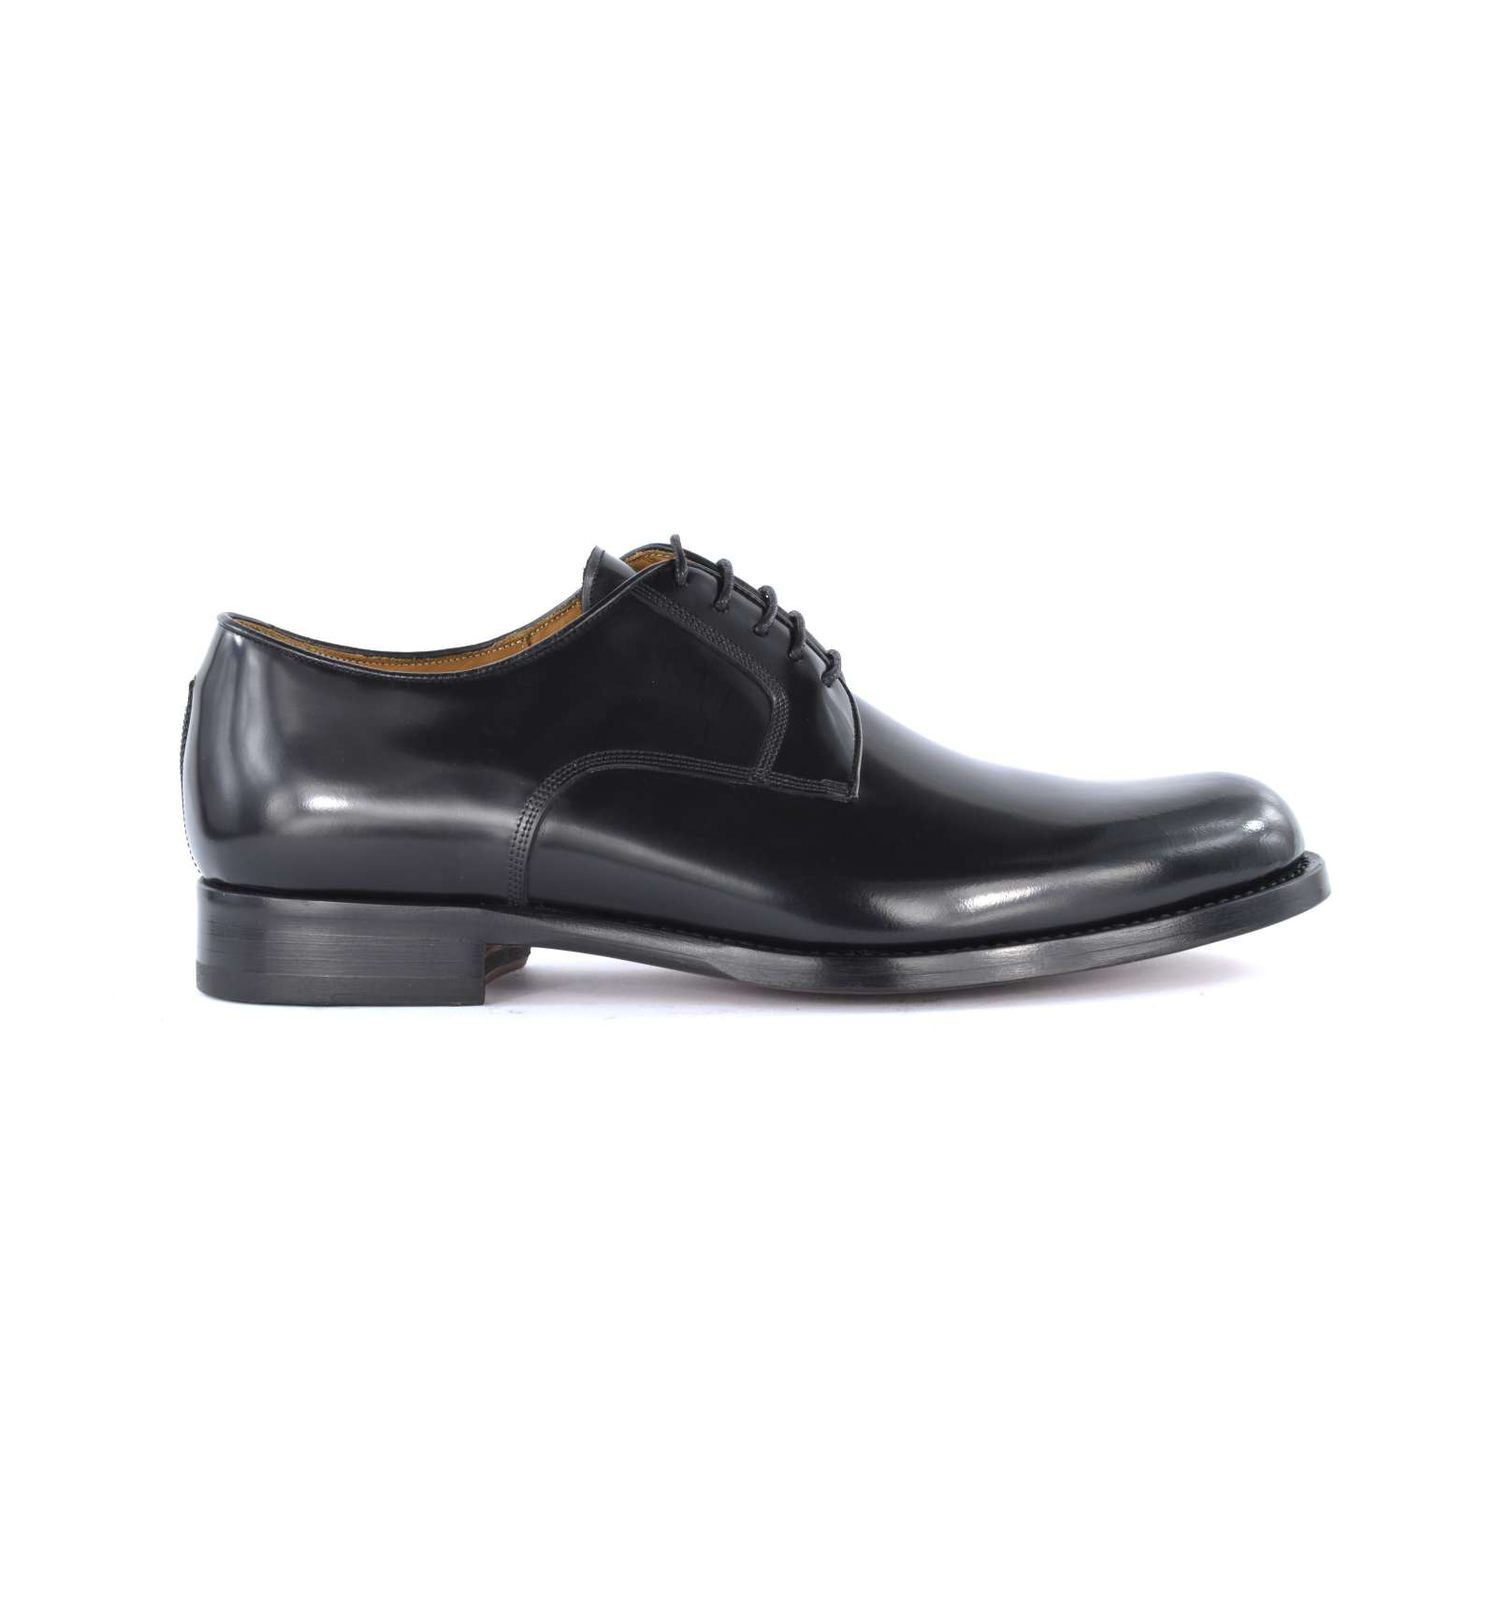 J.J. ITALIAN LUXURY ARTCRAFT uomo scarpa derby pelle nero 855 CORDOVAN